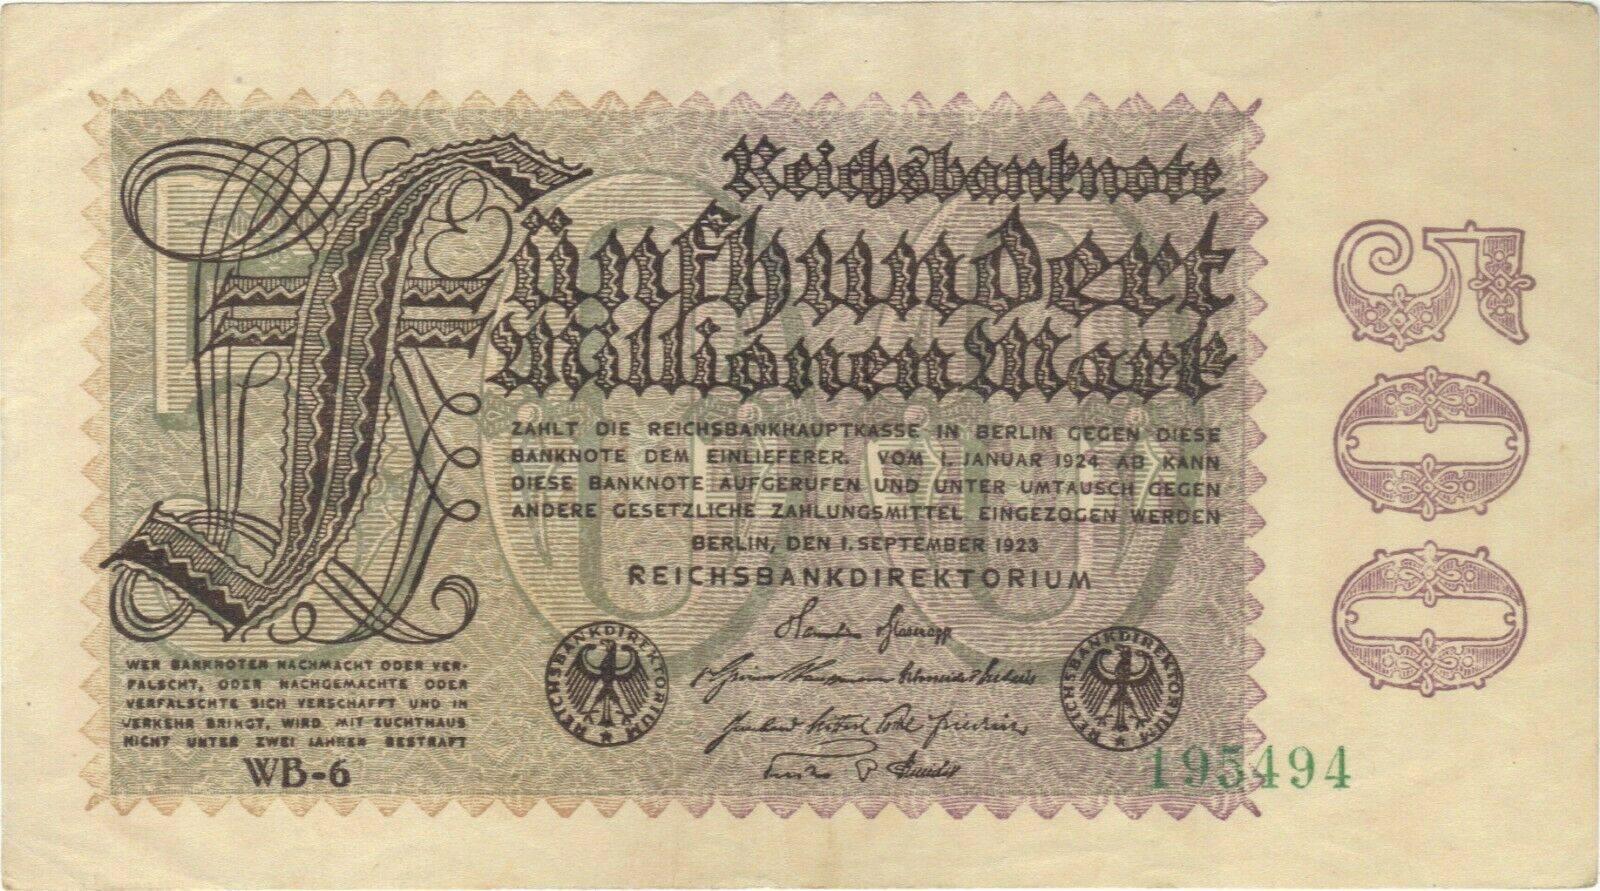 Валюта германии, марки валюта до евро, курс валют германии